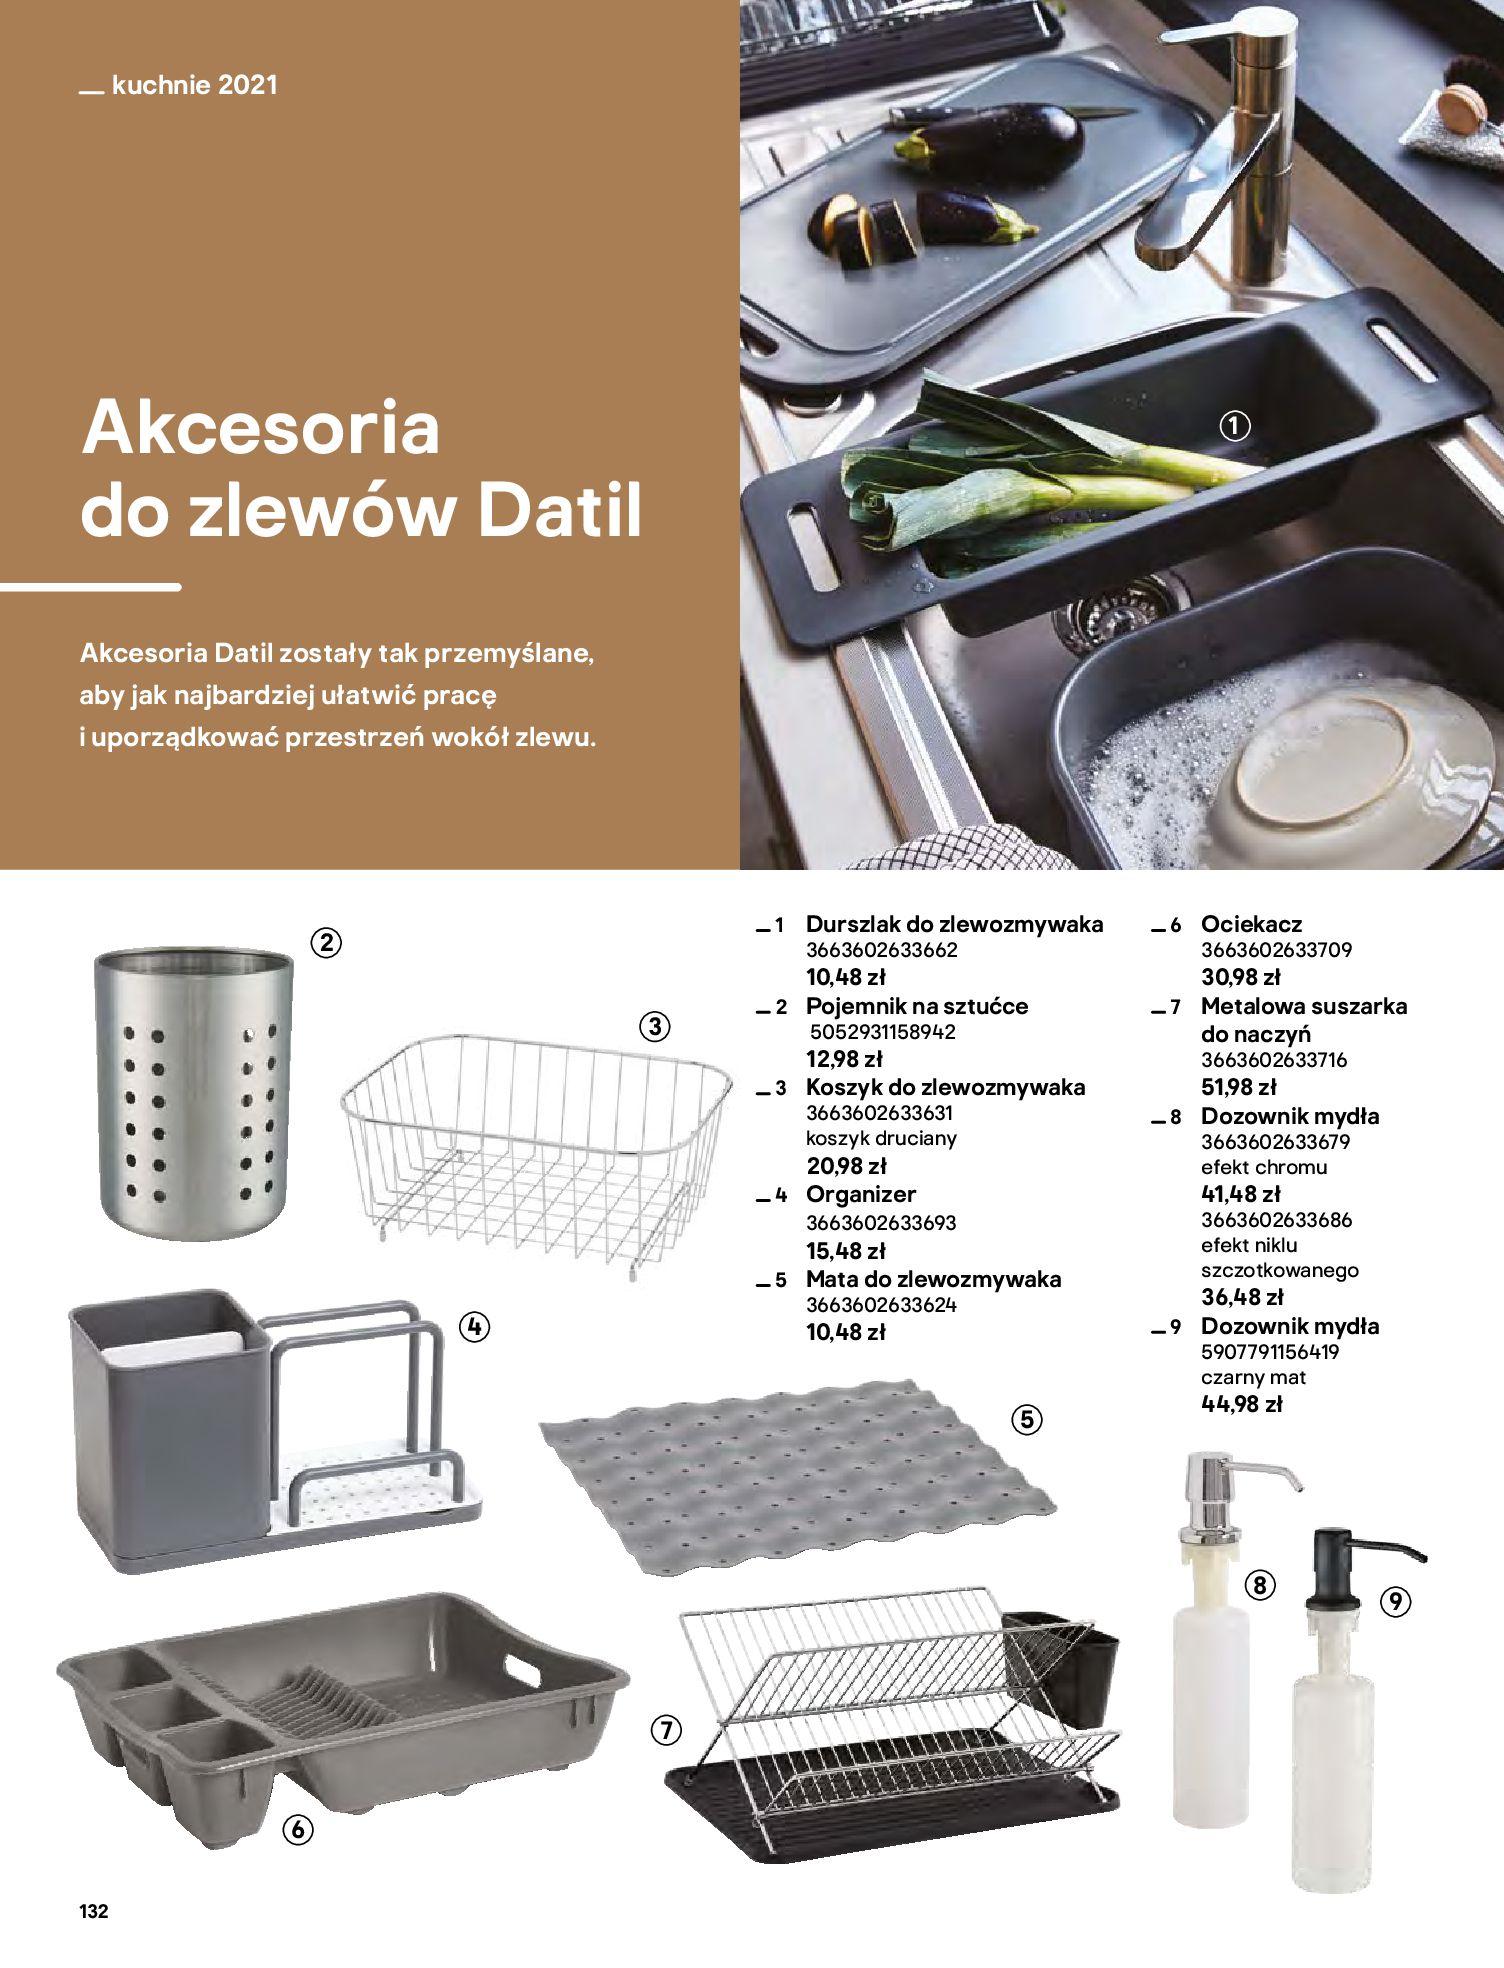 Gazetka Castorama: Katalog kuchnie 2021 2021-05-04 page-132